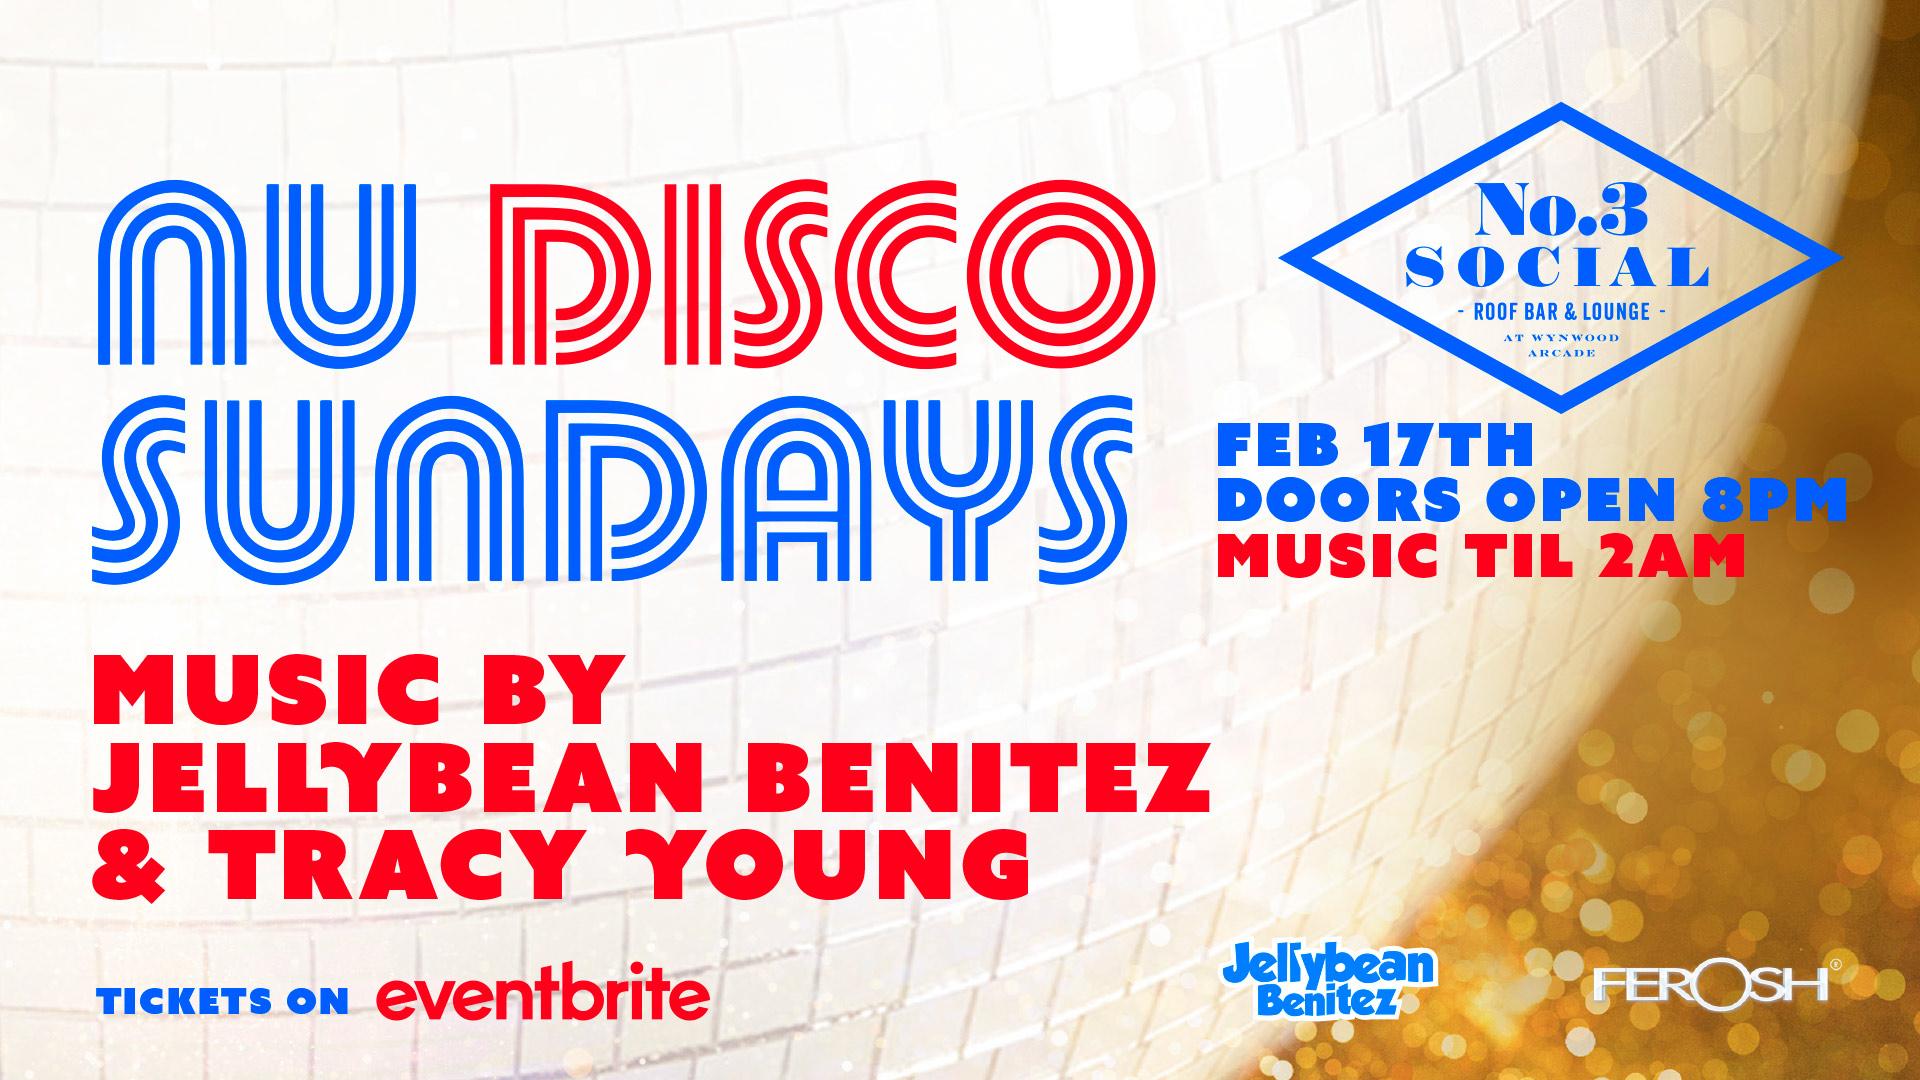 No3-Social---FB-EVENT-Nu-DIsco-Sundays-02-17-v01.jpg